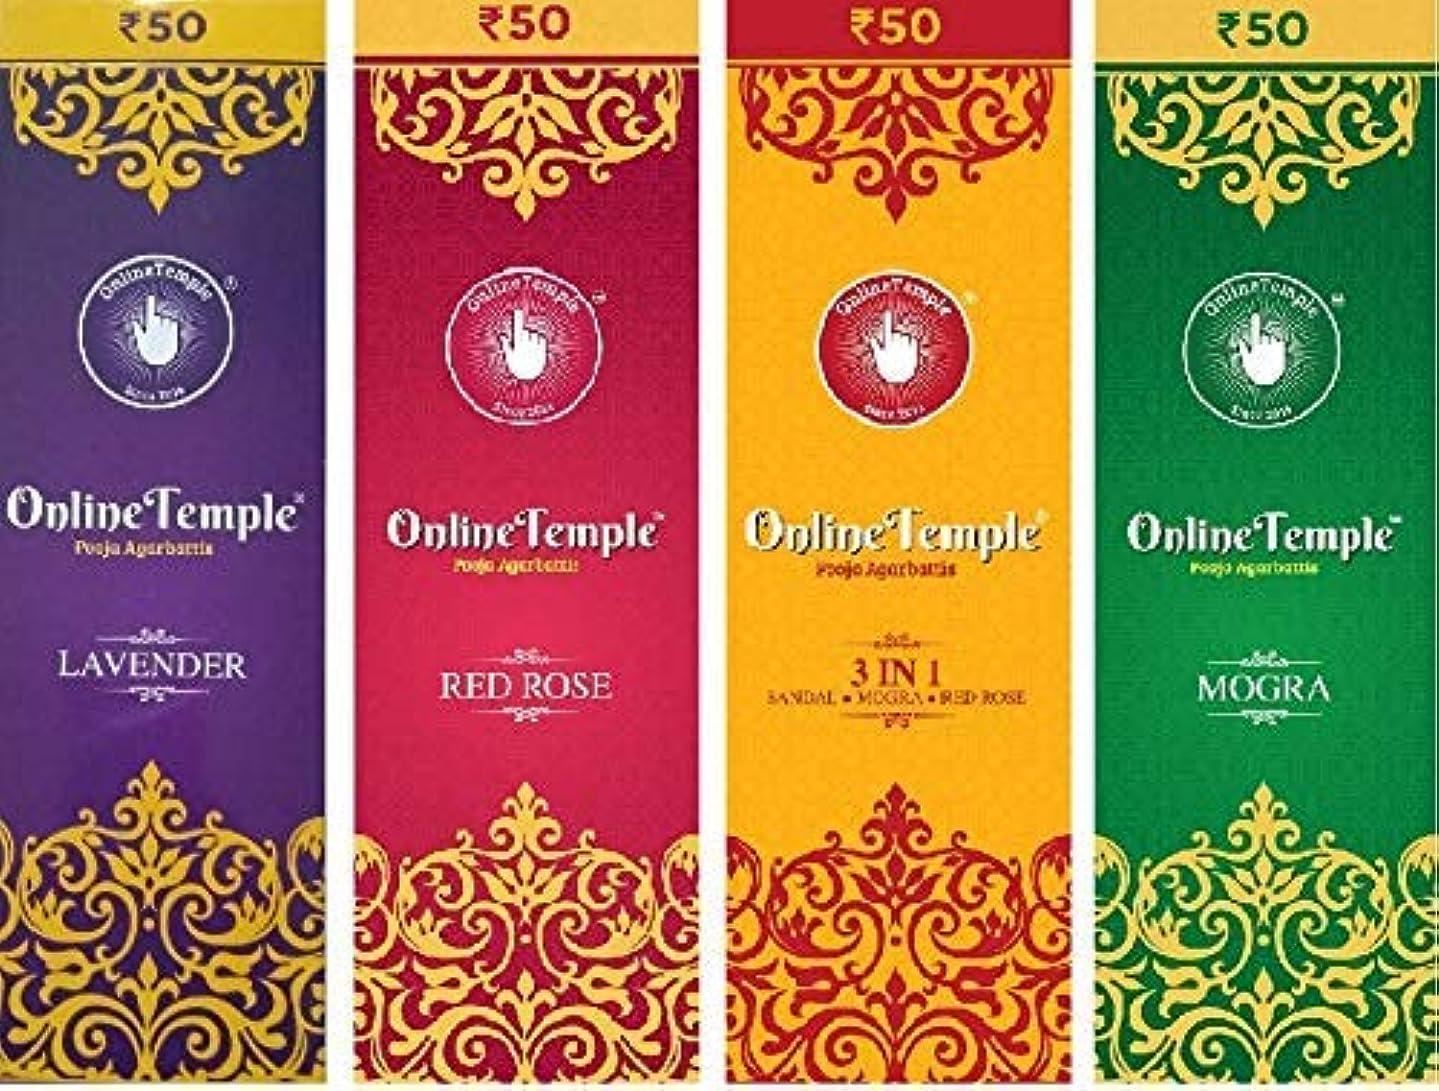 煩わしい魔女管理するOnline Temple Pooja Agarbattis (Incense Stick),combo of (Lavender + Red rose + 3 in 1(Sandal, Mogra and Red Rose...